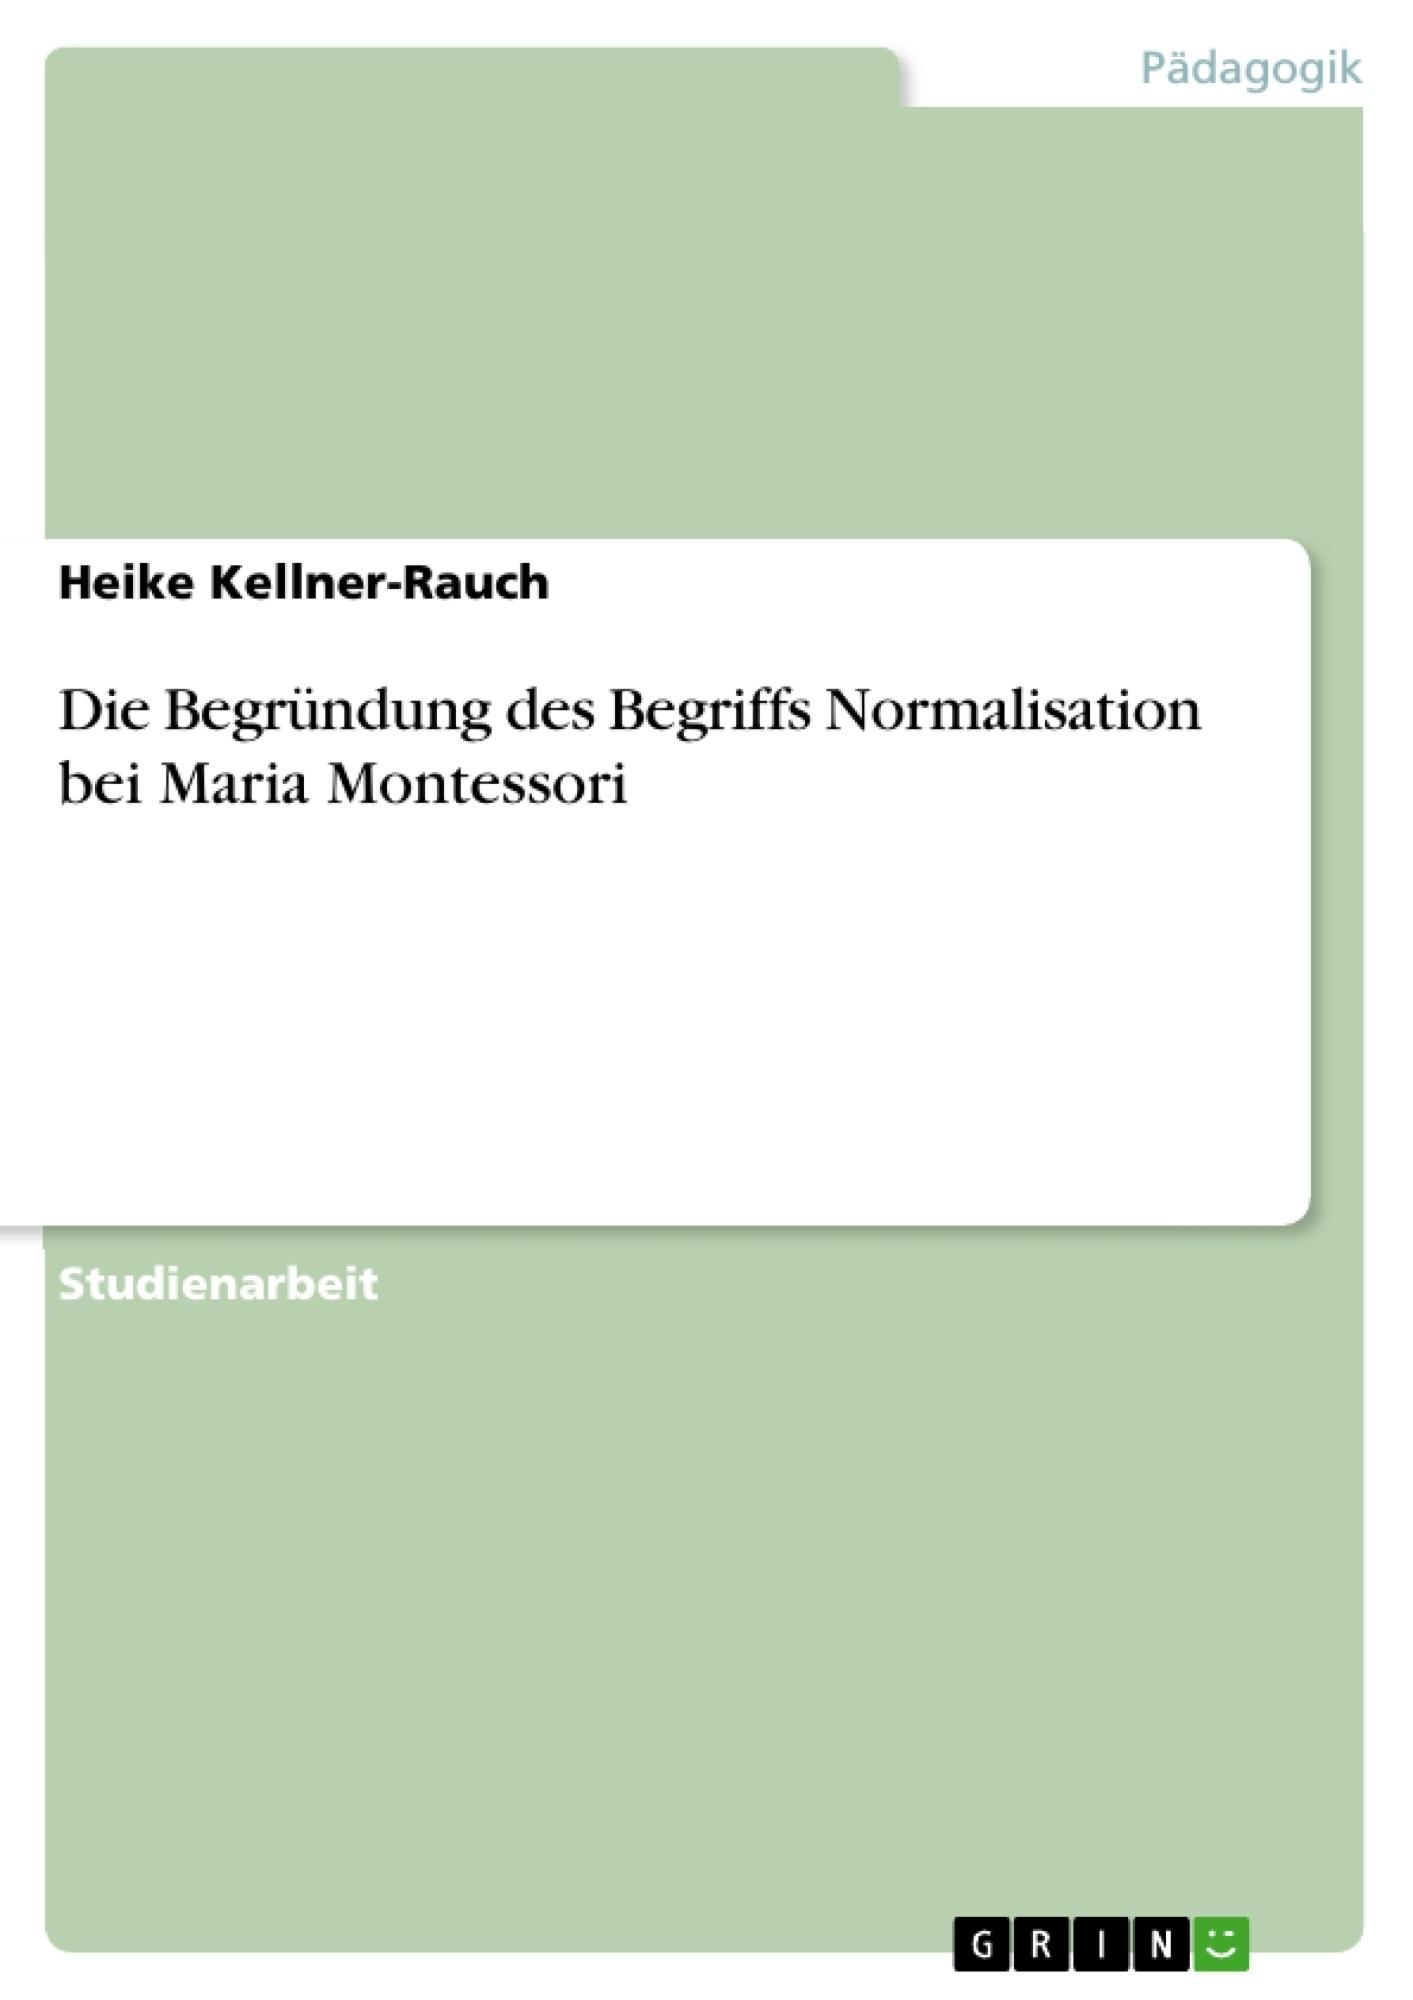 Titel: Die Begründung des Begriffs Normalisation bei Maria Montessori